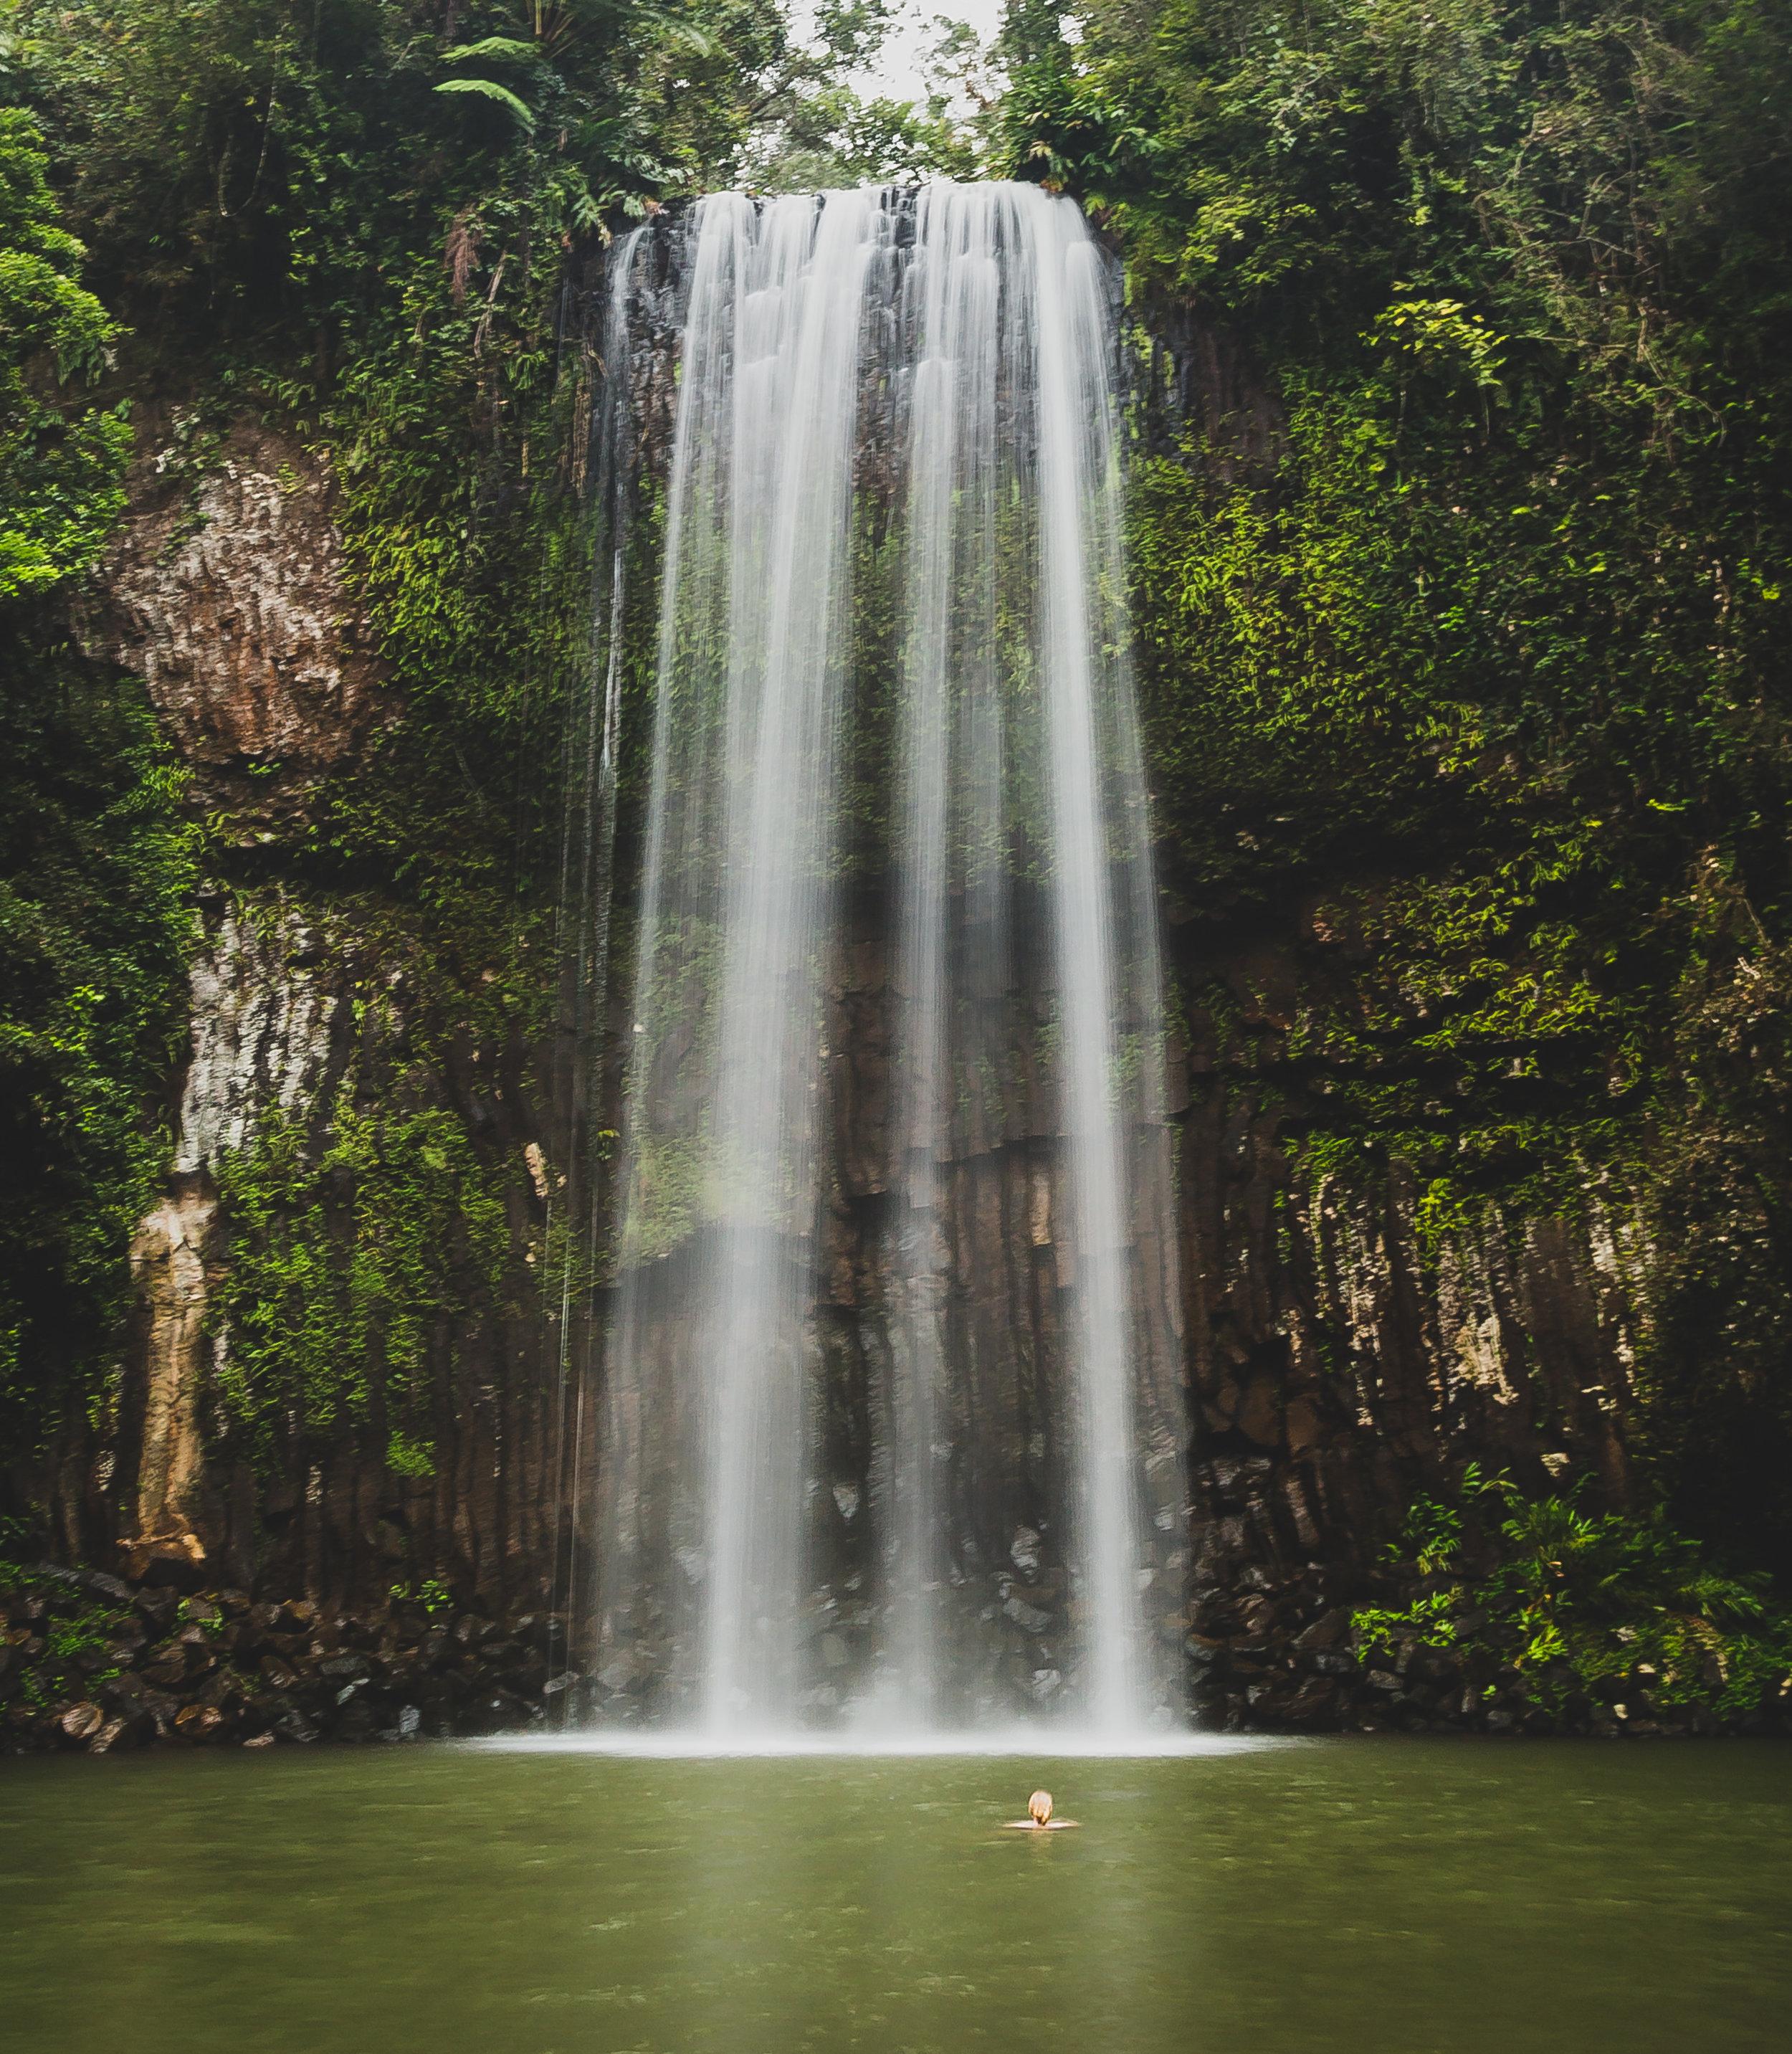 INstagrammable spots near Cairns: Milaa Milaa Falls